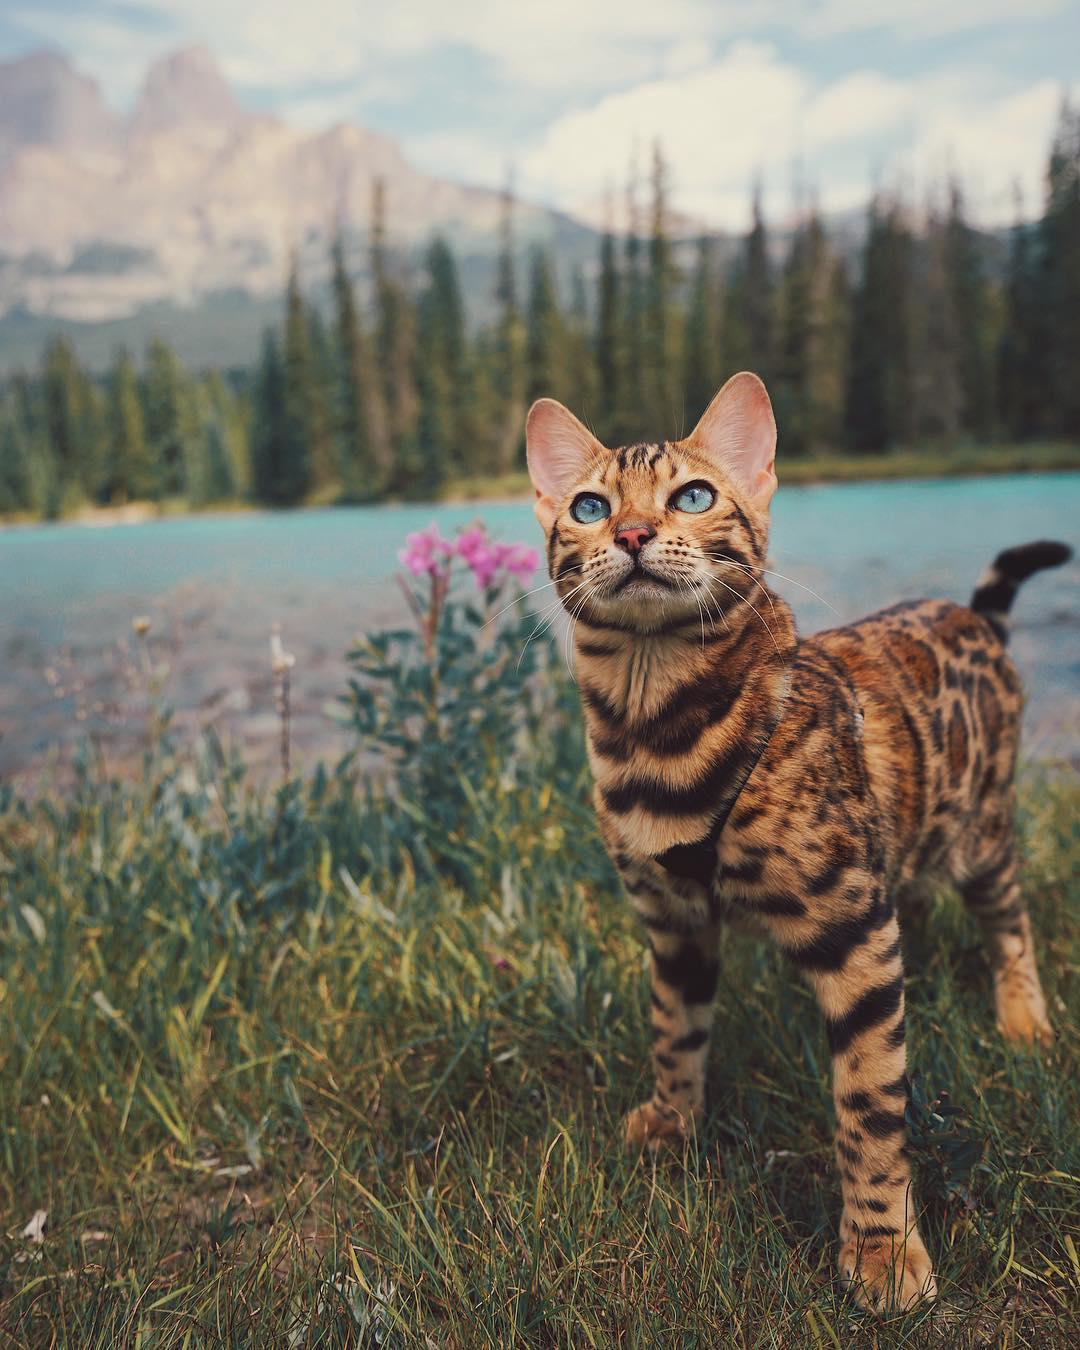 Gặp Suki - Cô mèo có vẻ ngoài xinh đẹp và cuộc sống bao người mơ ước